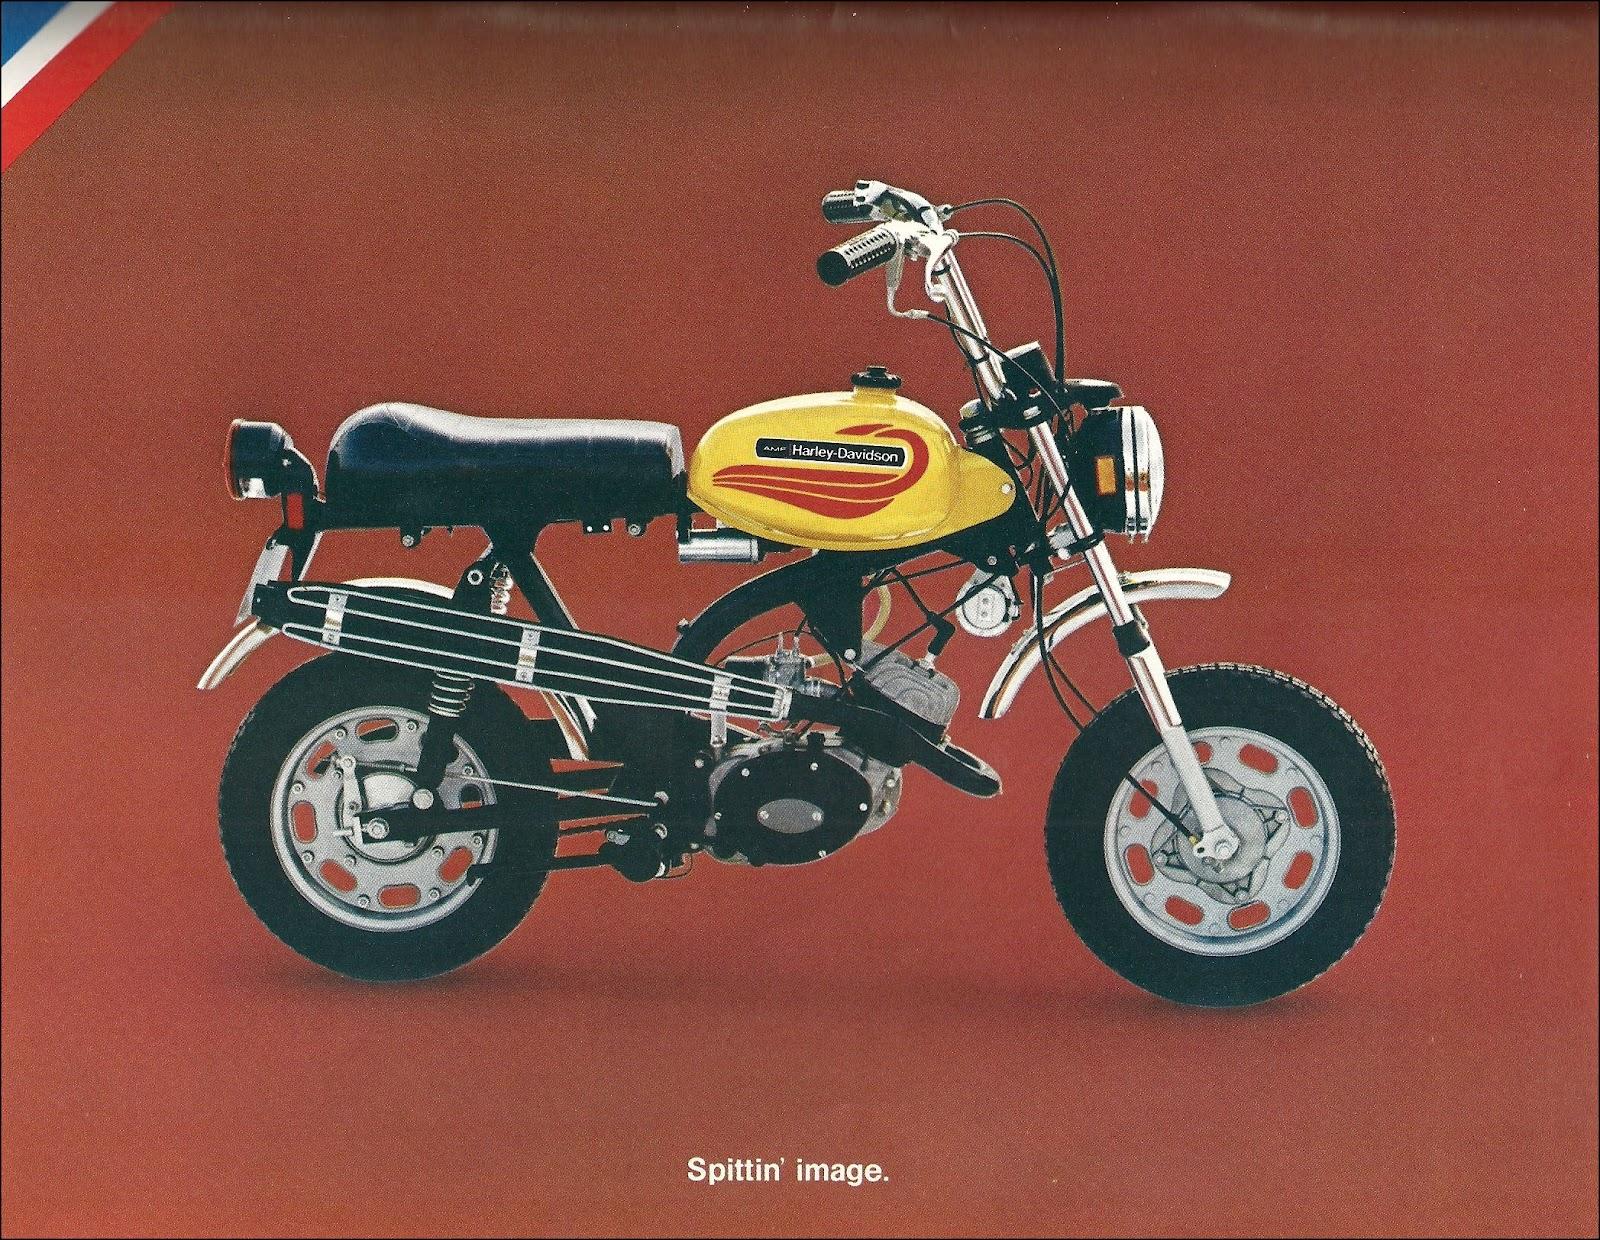 Modelo Shortster de 1972